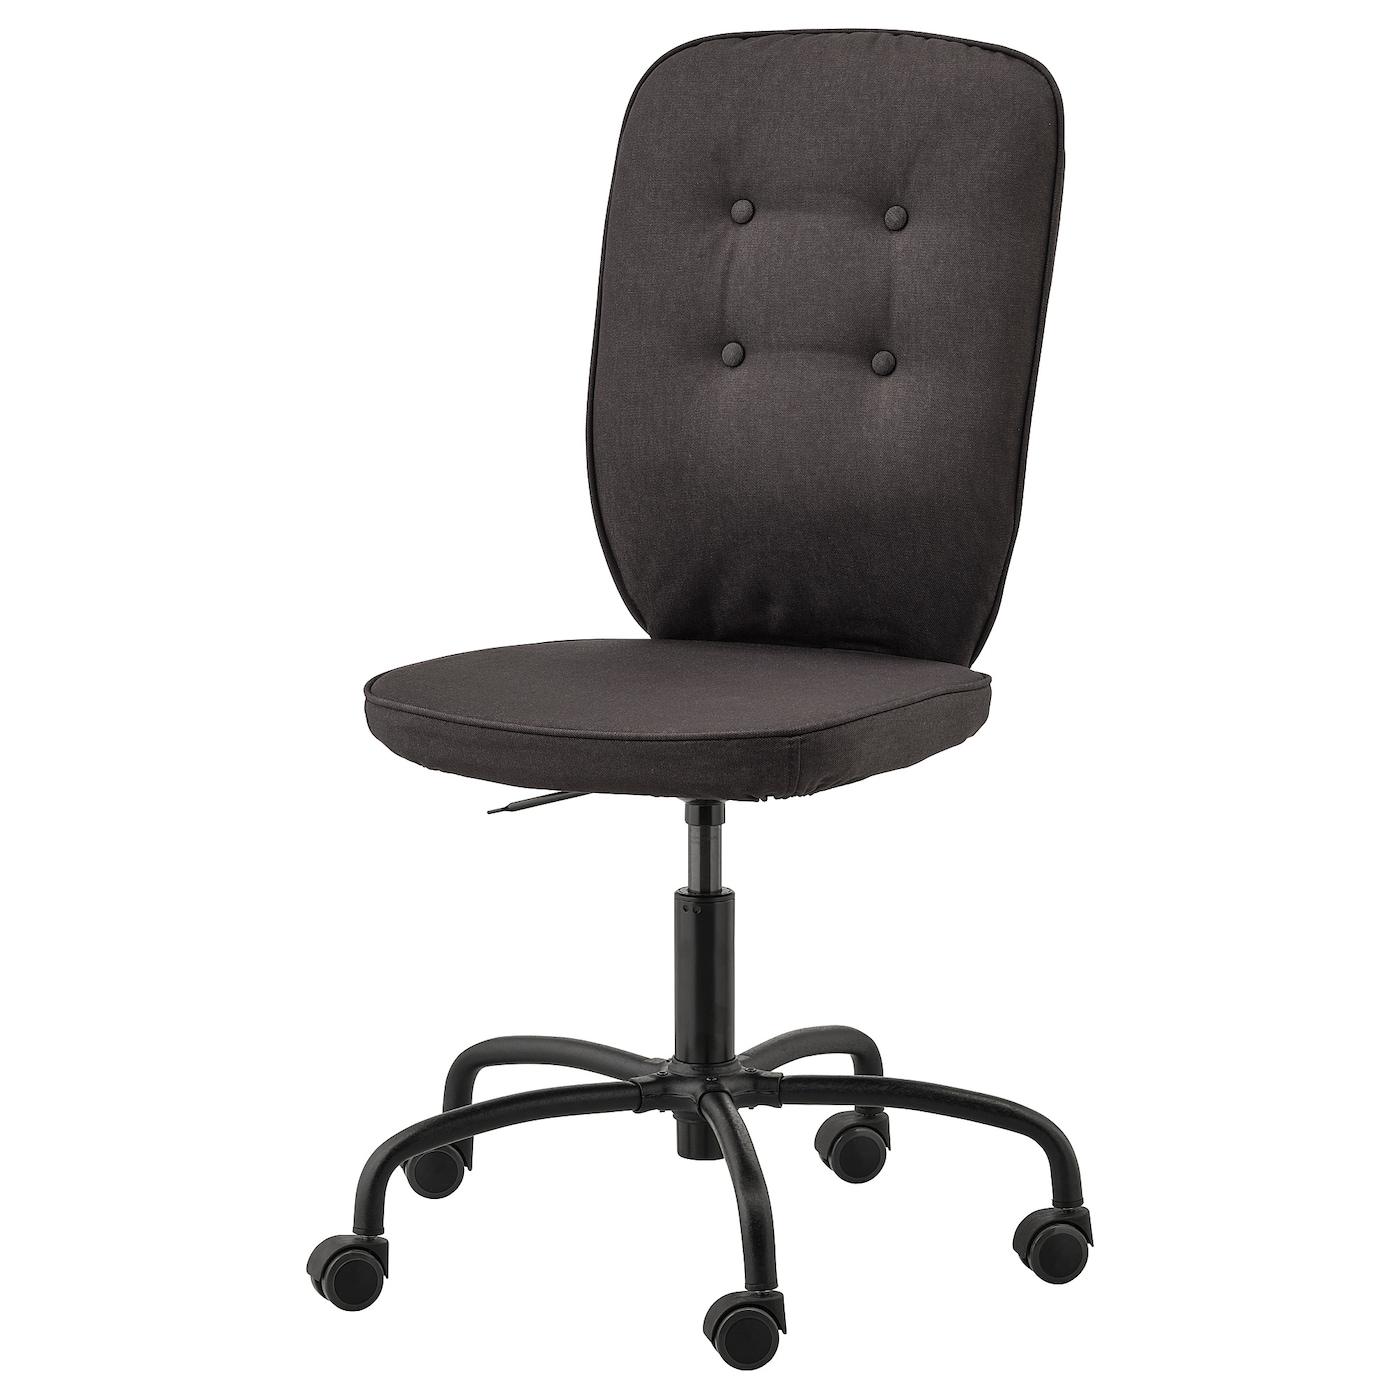 LILLHÖJDEN Krzesło obrotowe, Blekinge biały, Kup online lub